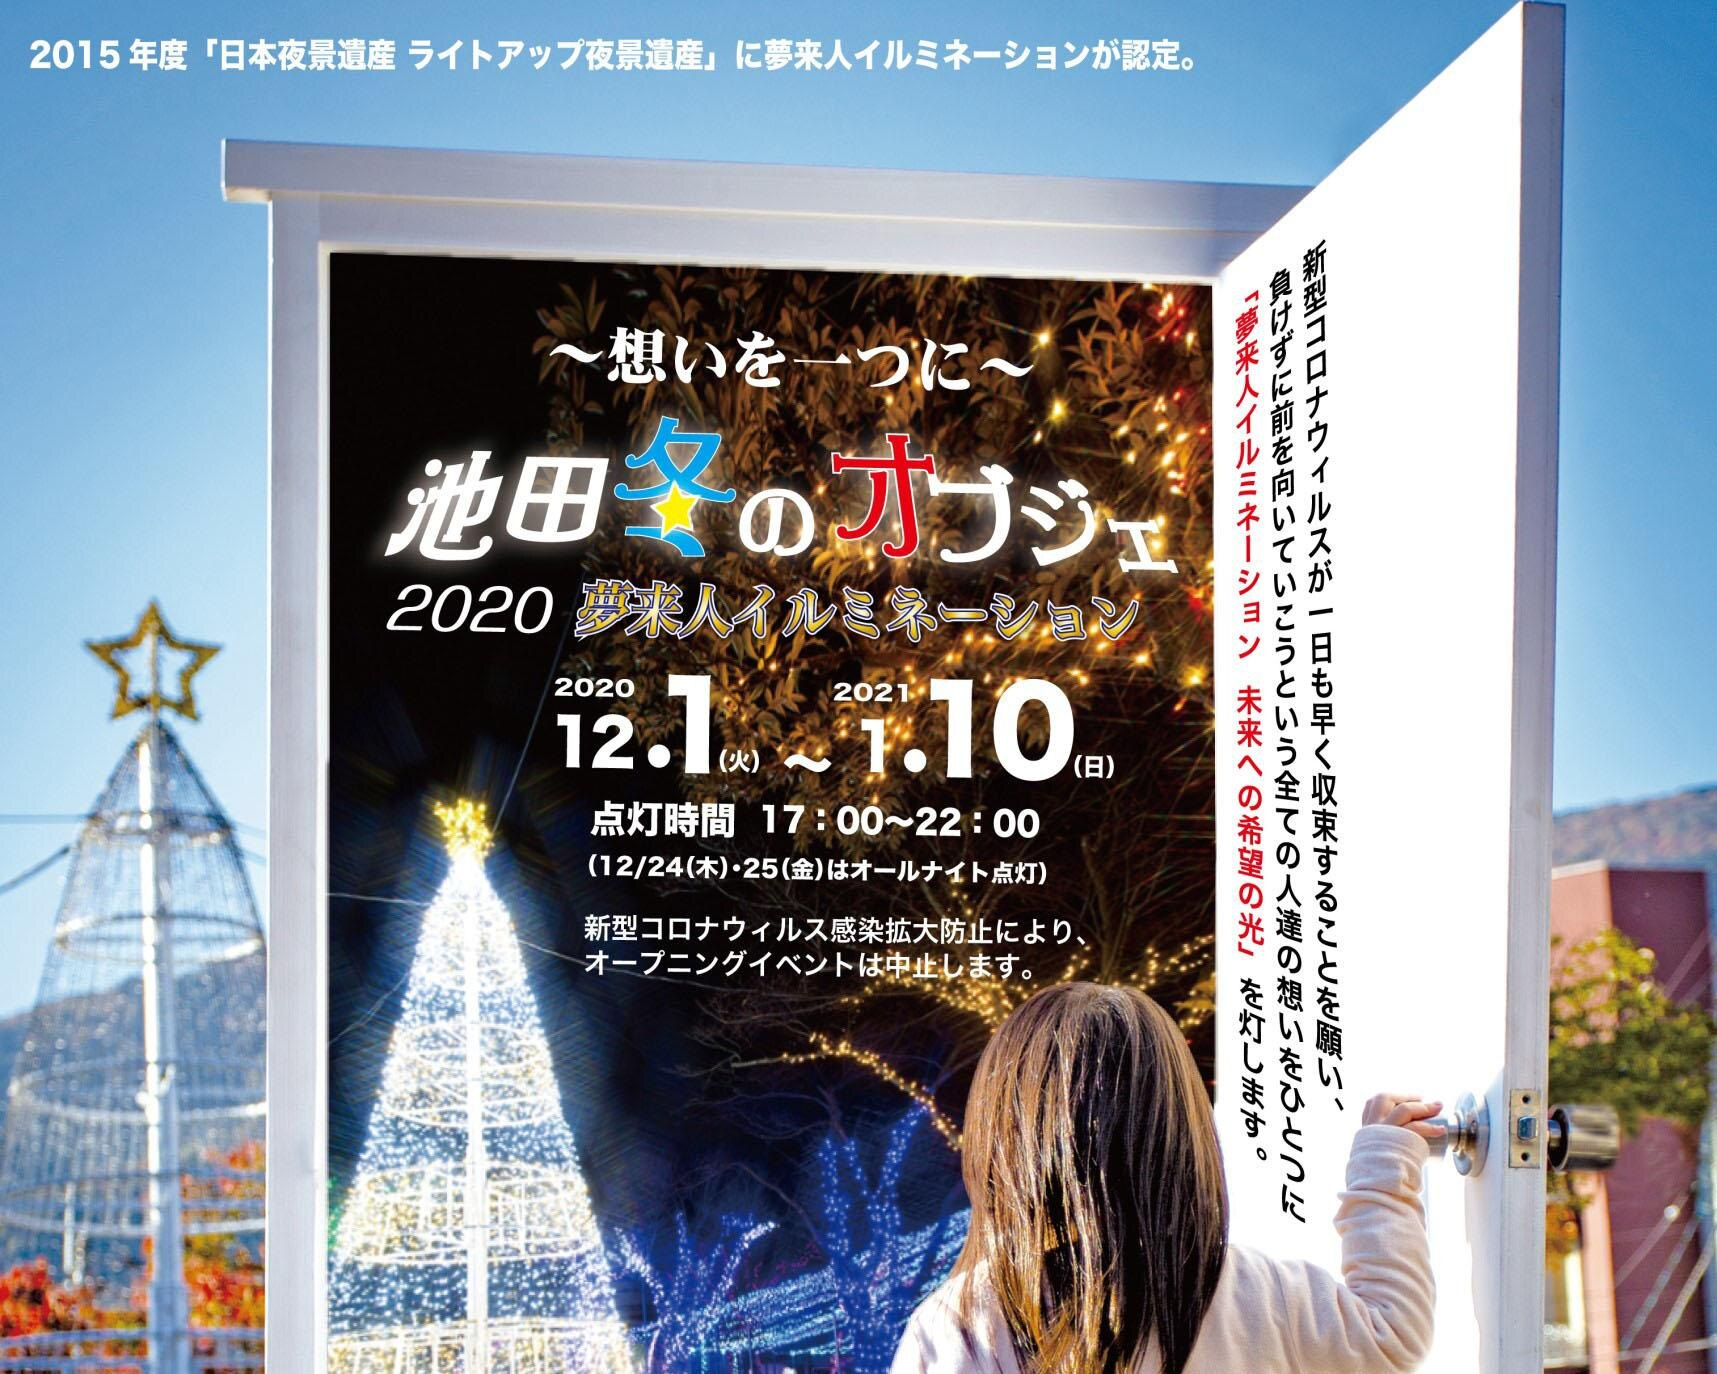 新型コロナウイルス収束を願う希望の光が灯る、徳島県三好市で「夢来人イルミネーション」開催